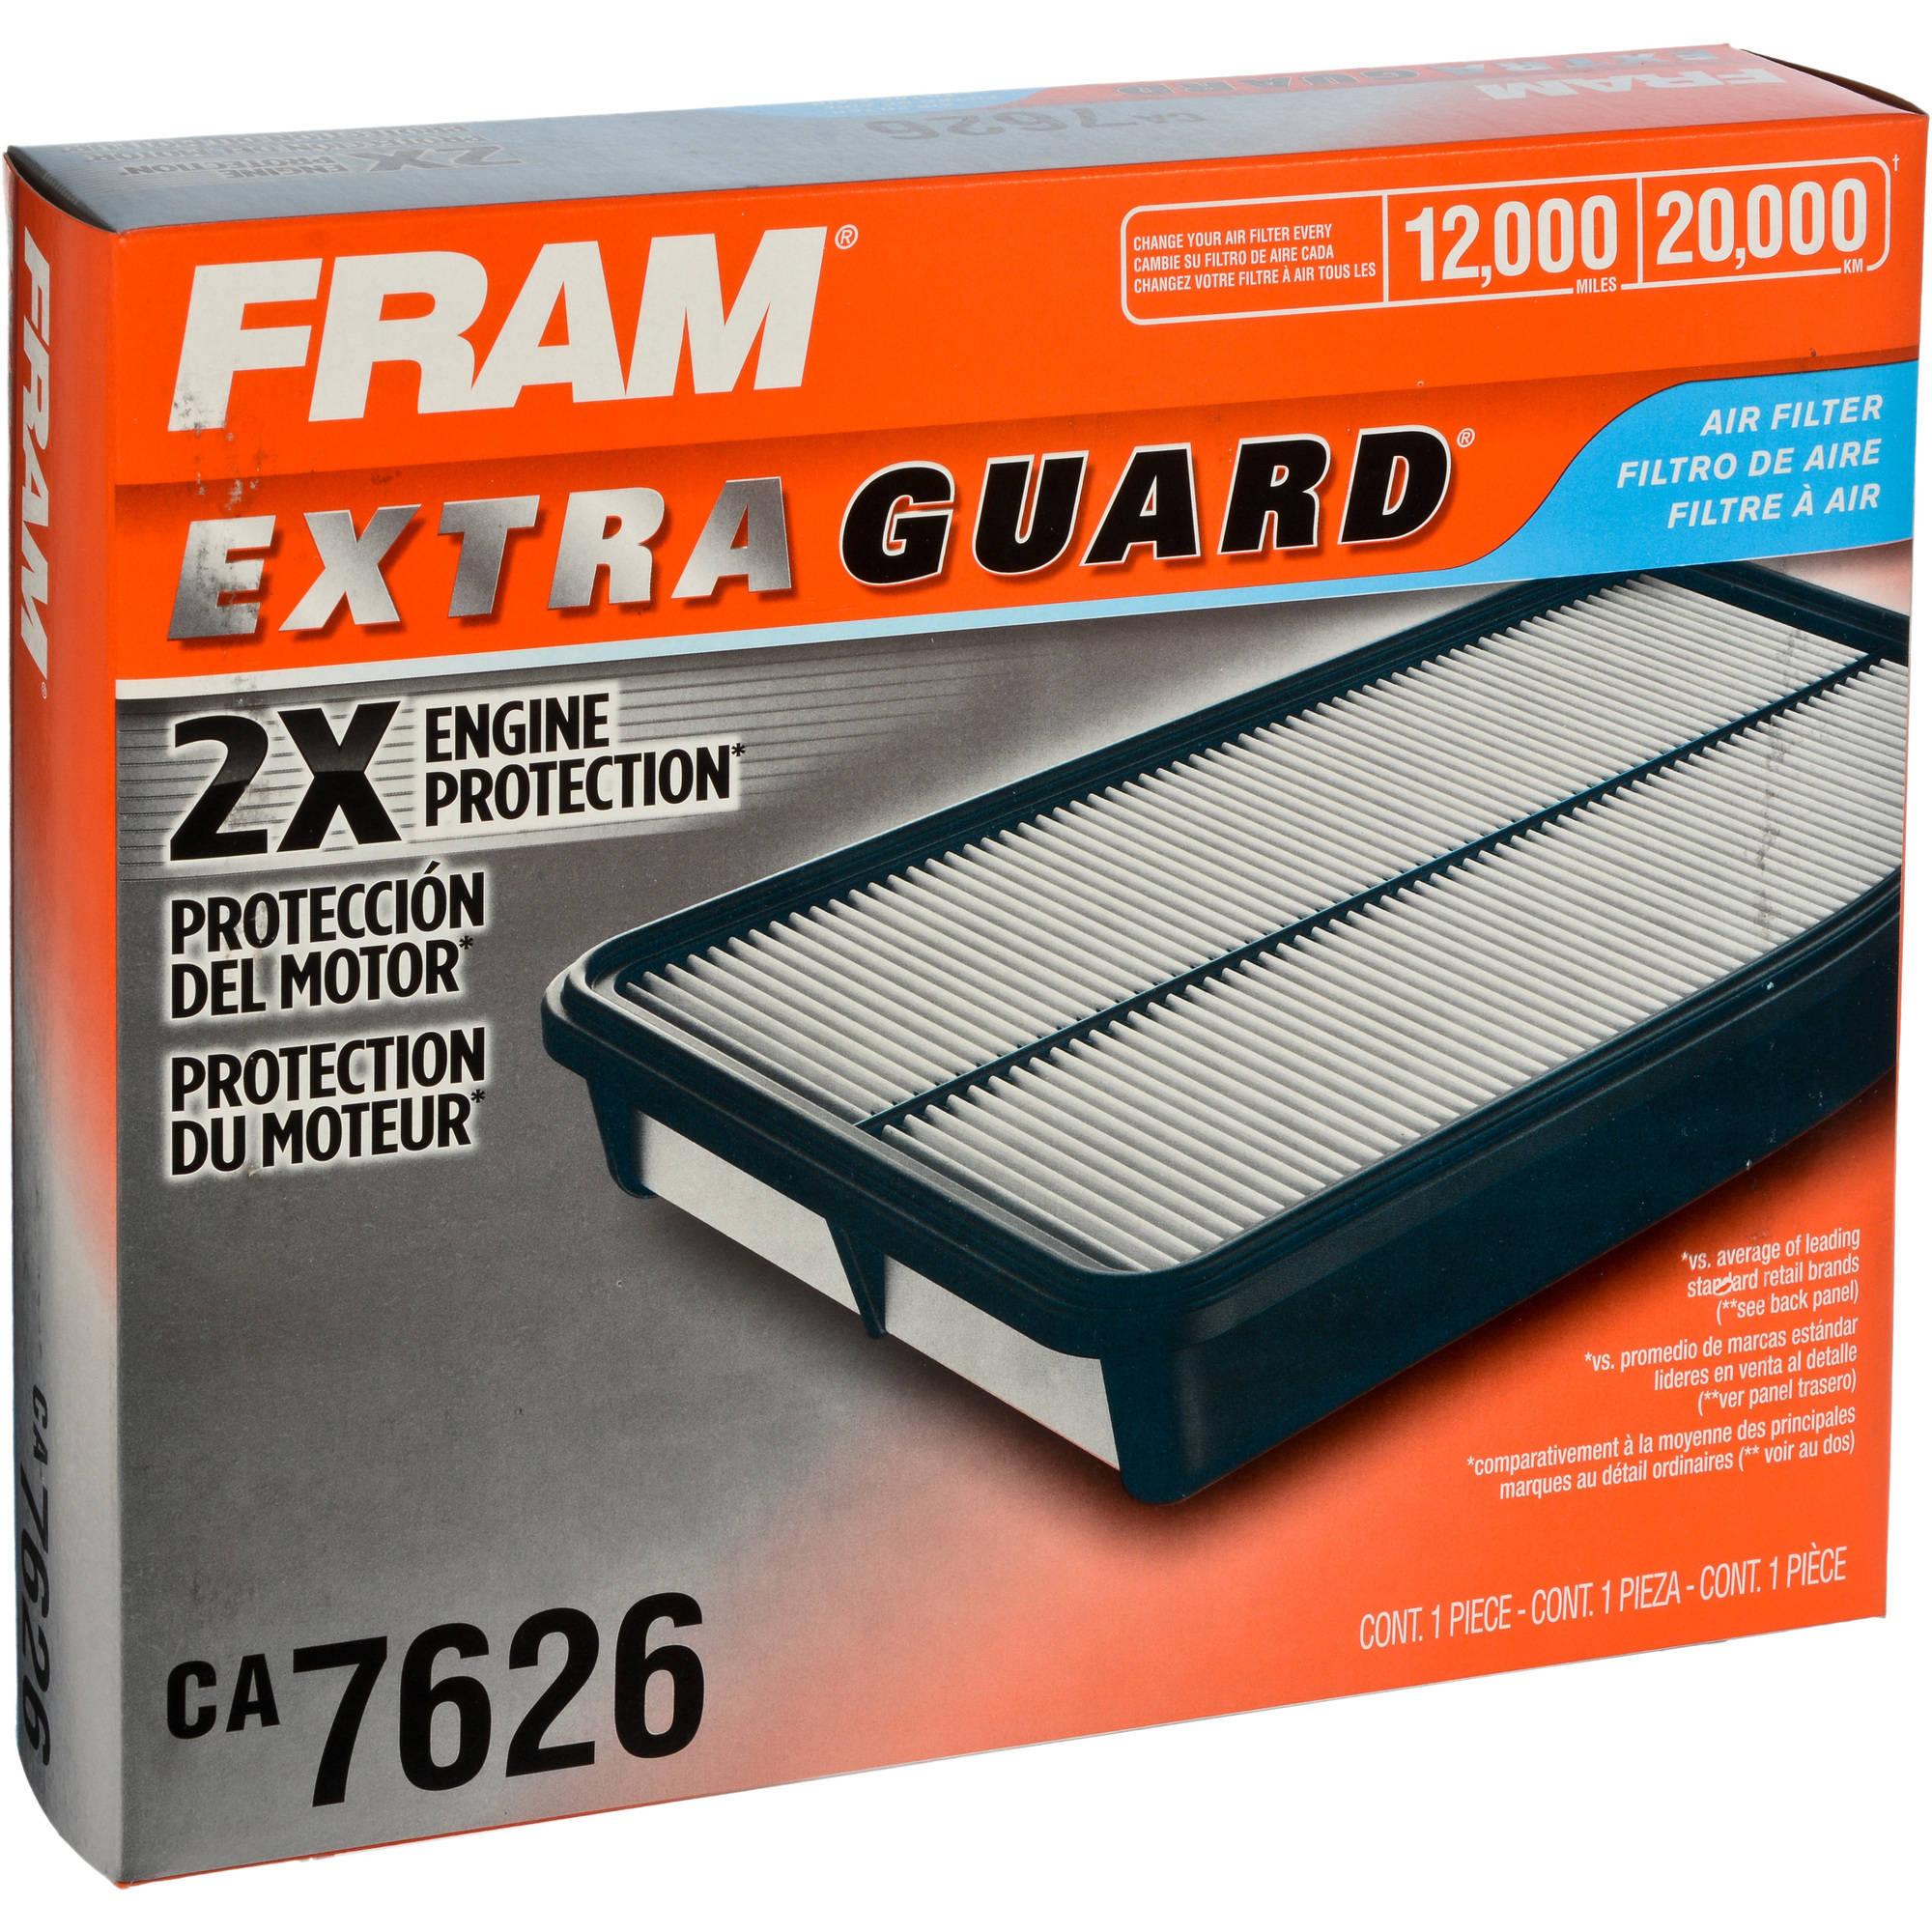 FRAM Extra Guard Air Filter, CA7626